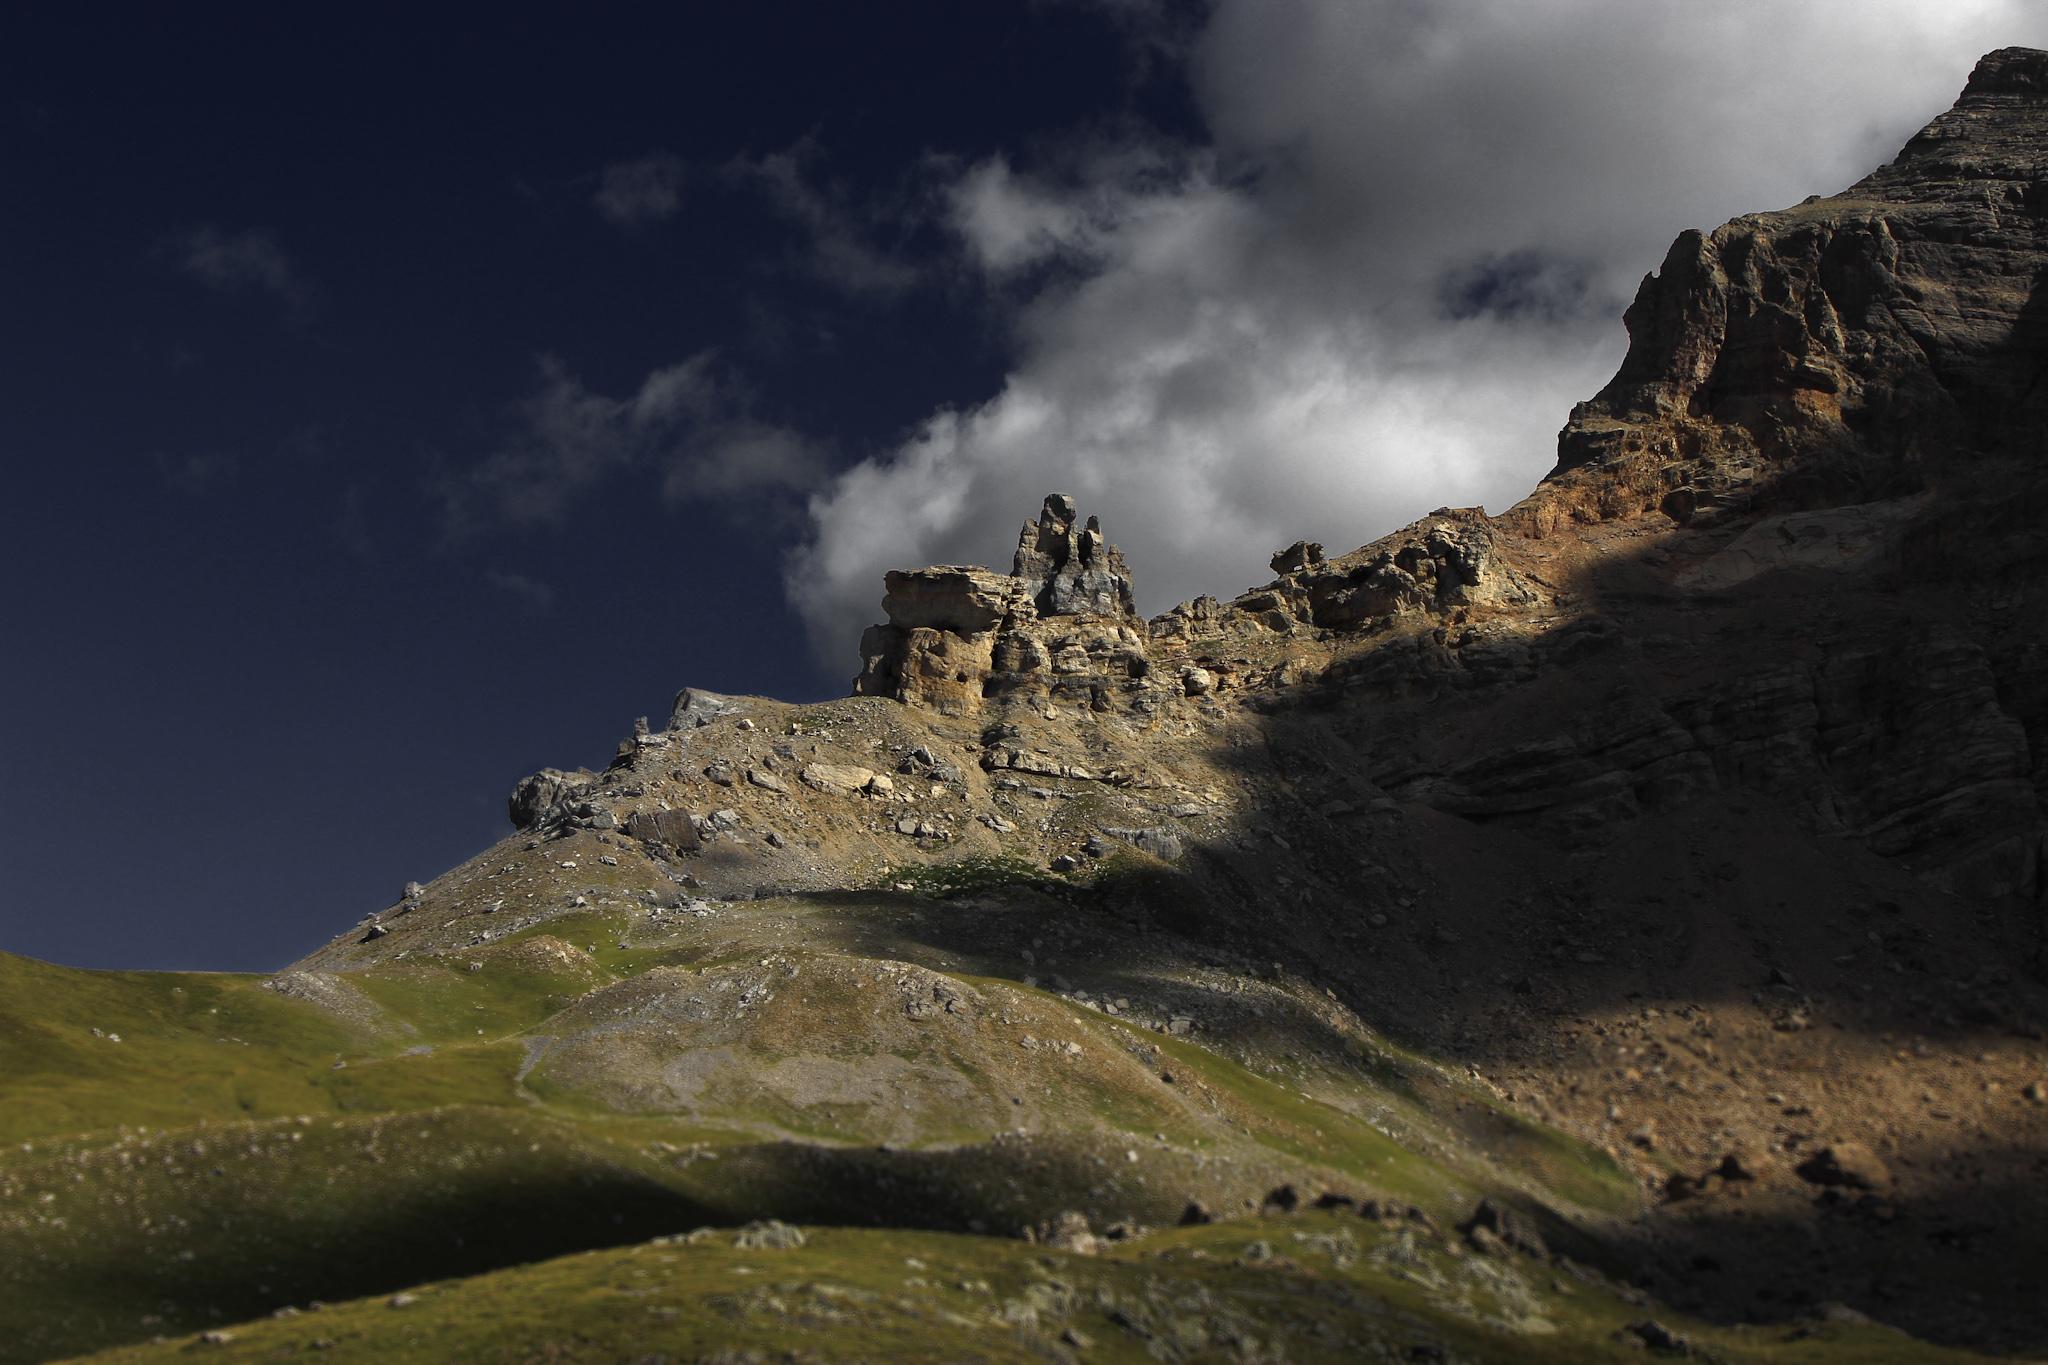 Campanil de Izas - Paisajes del valle - Fotos del Valle del Aragón, Mikel Besga